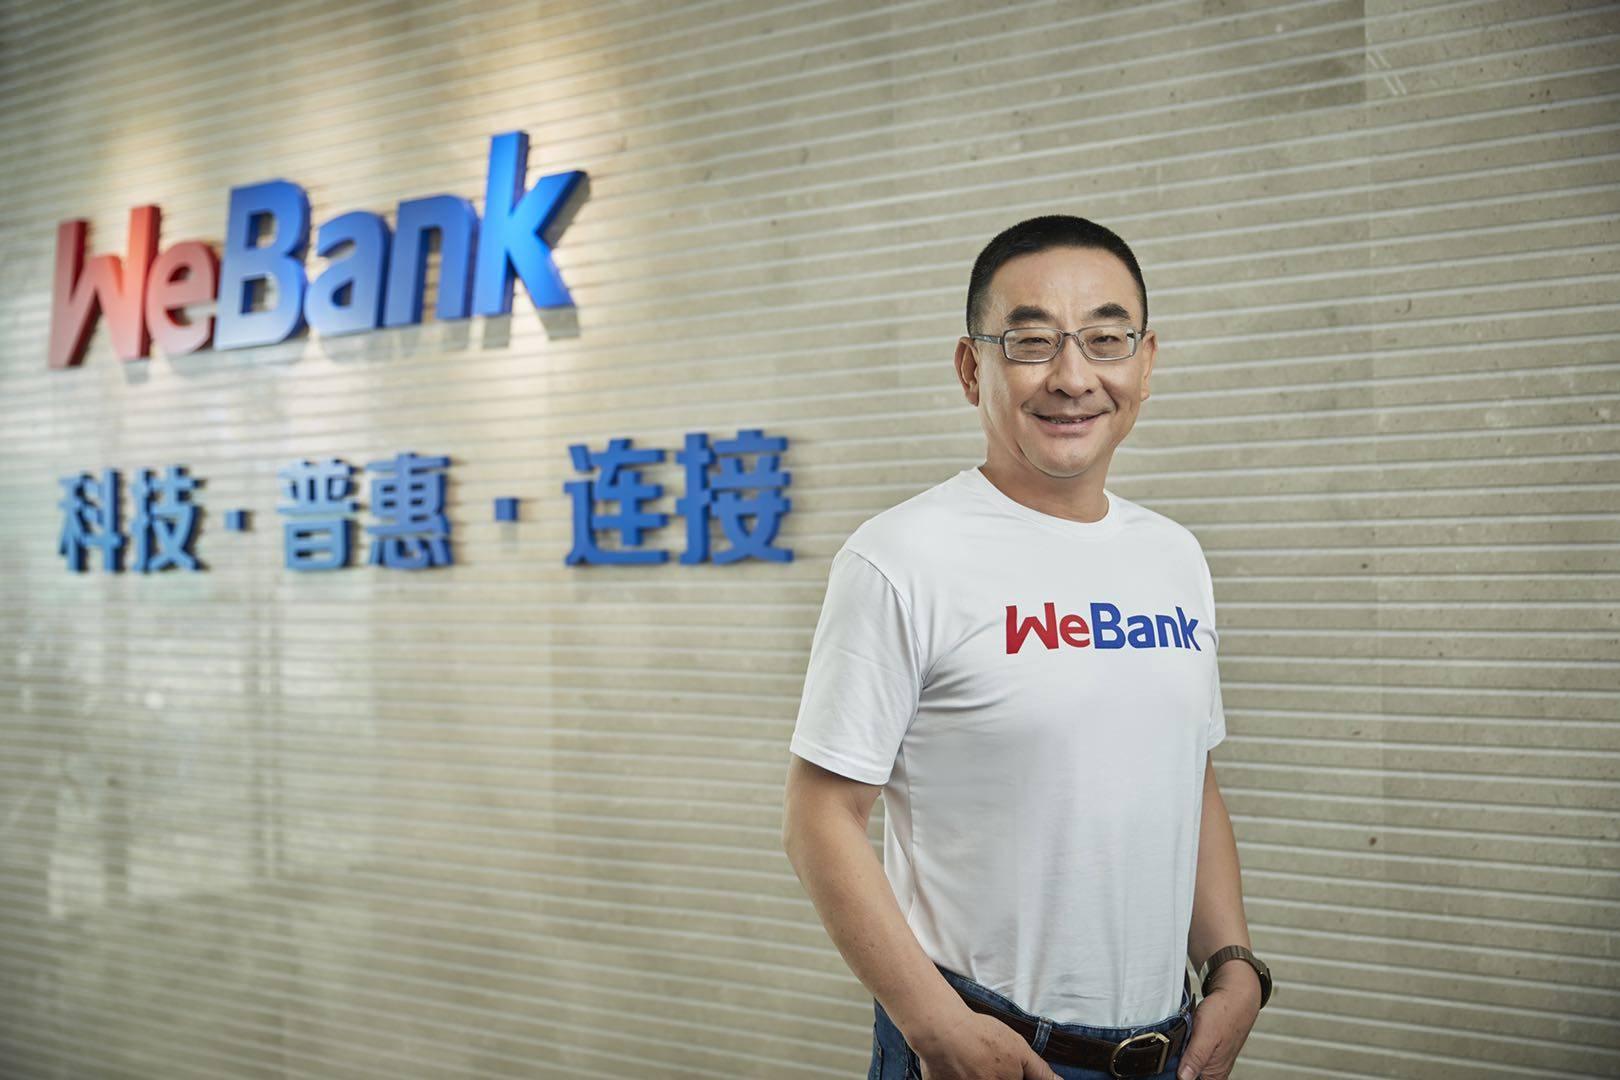 微众银行李南青:金融智能化时代的银行变革之路